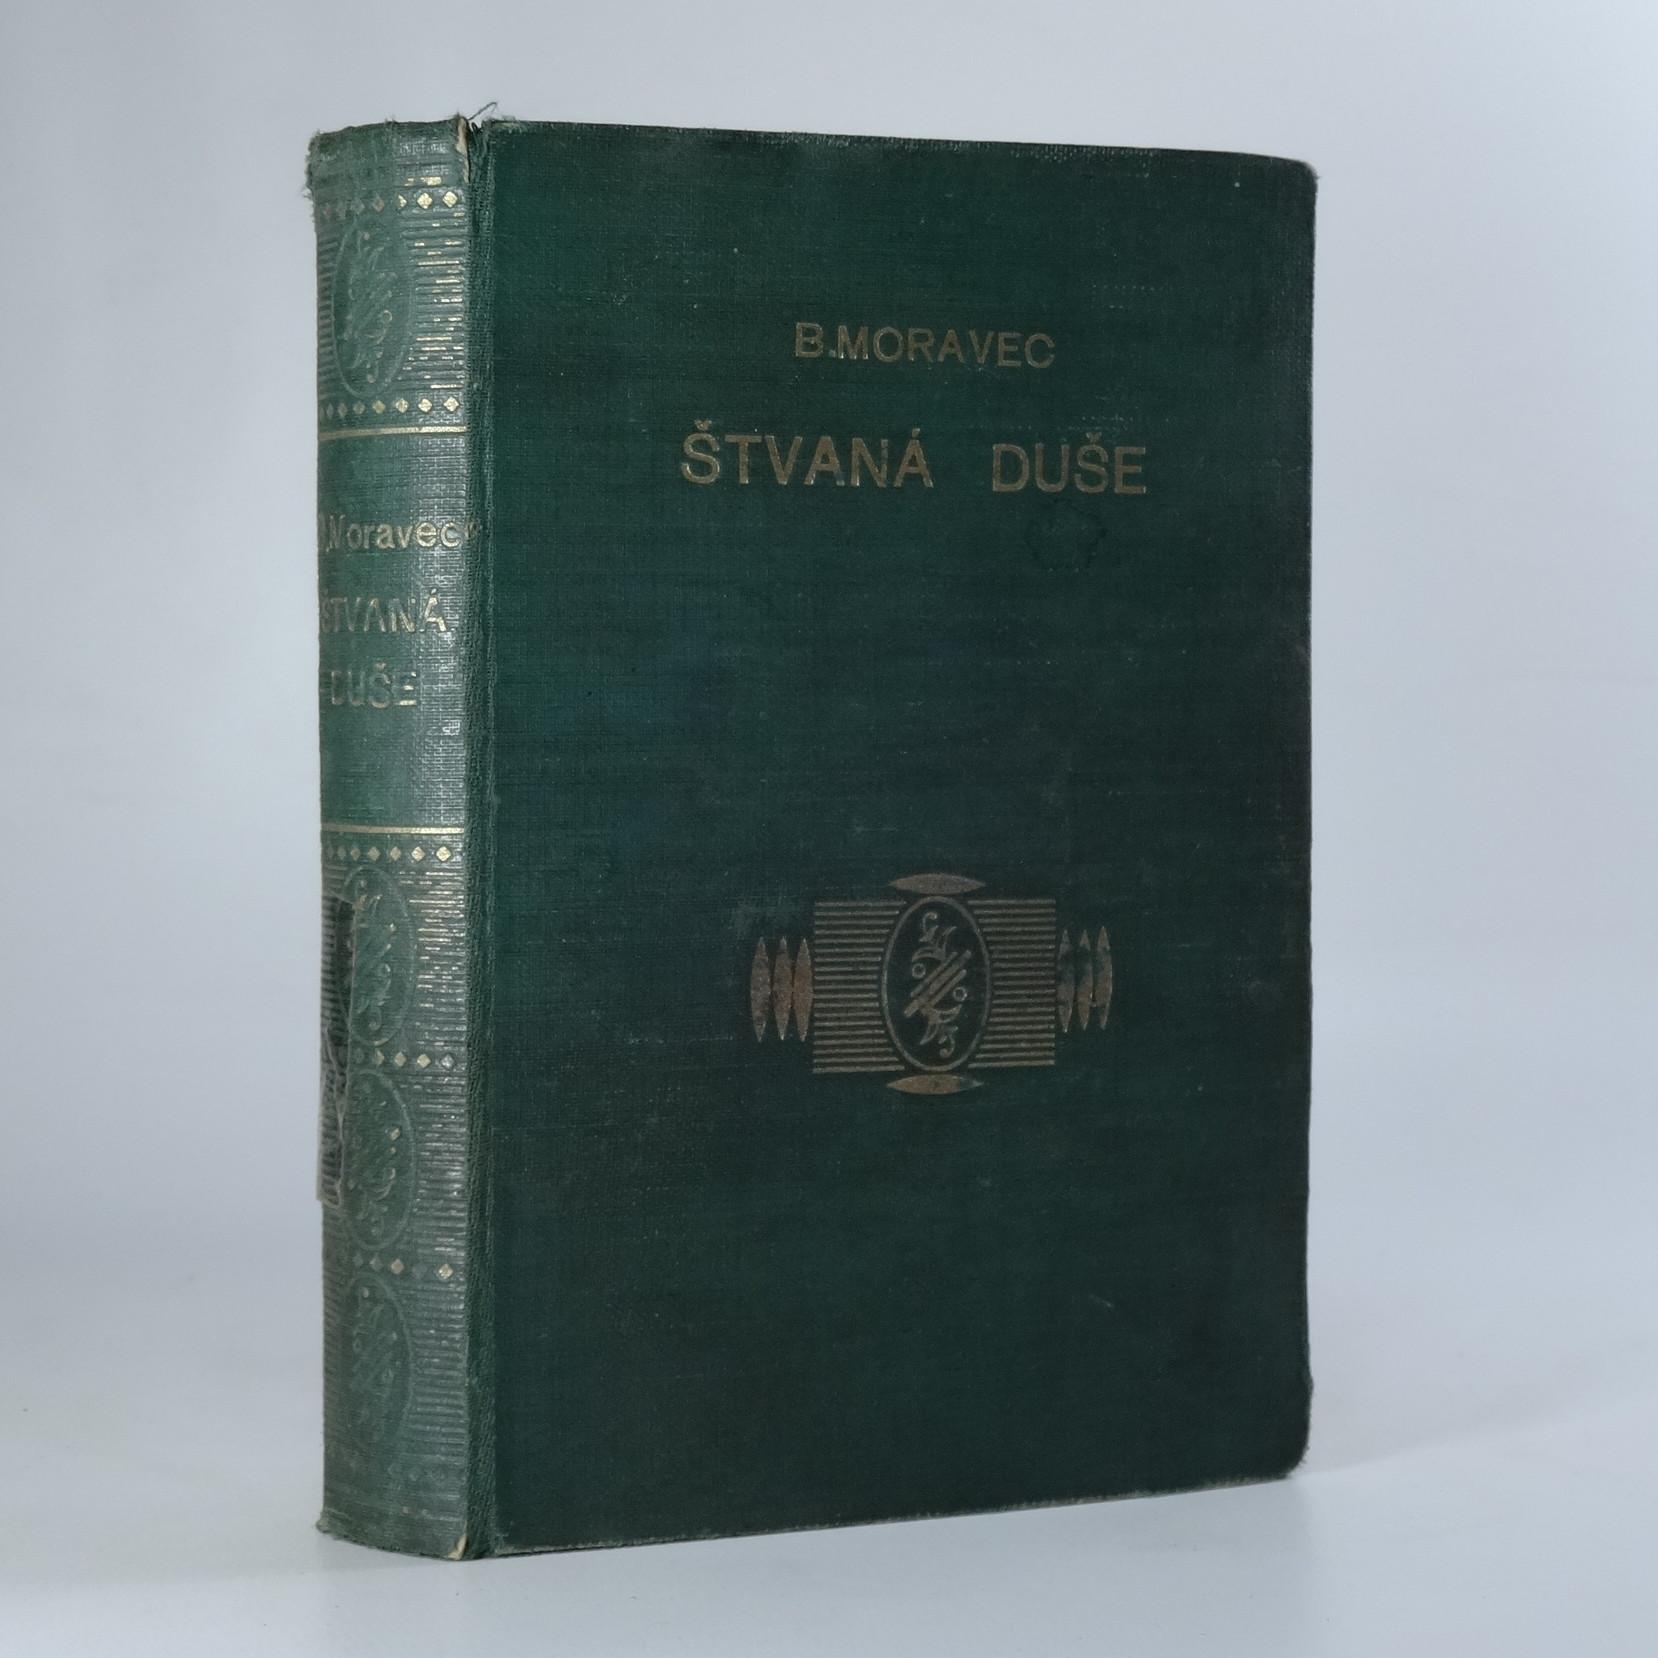 antikvární kniha Štvaná duše, neuveden